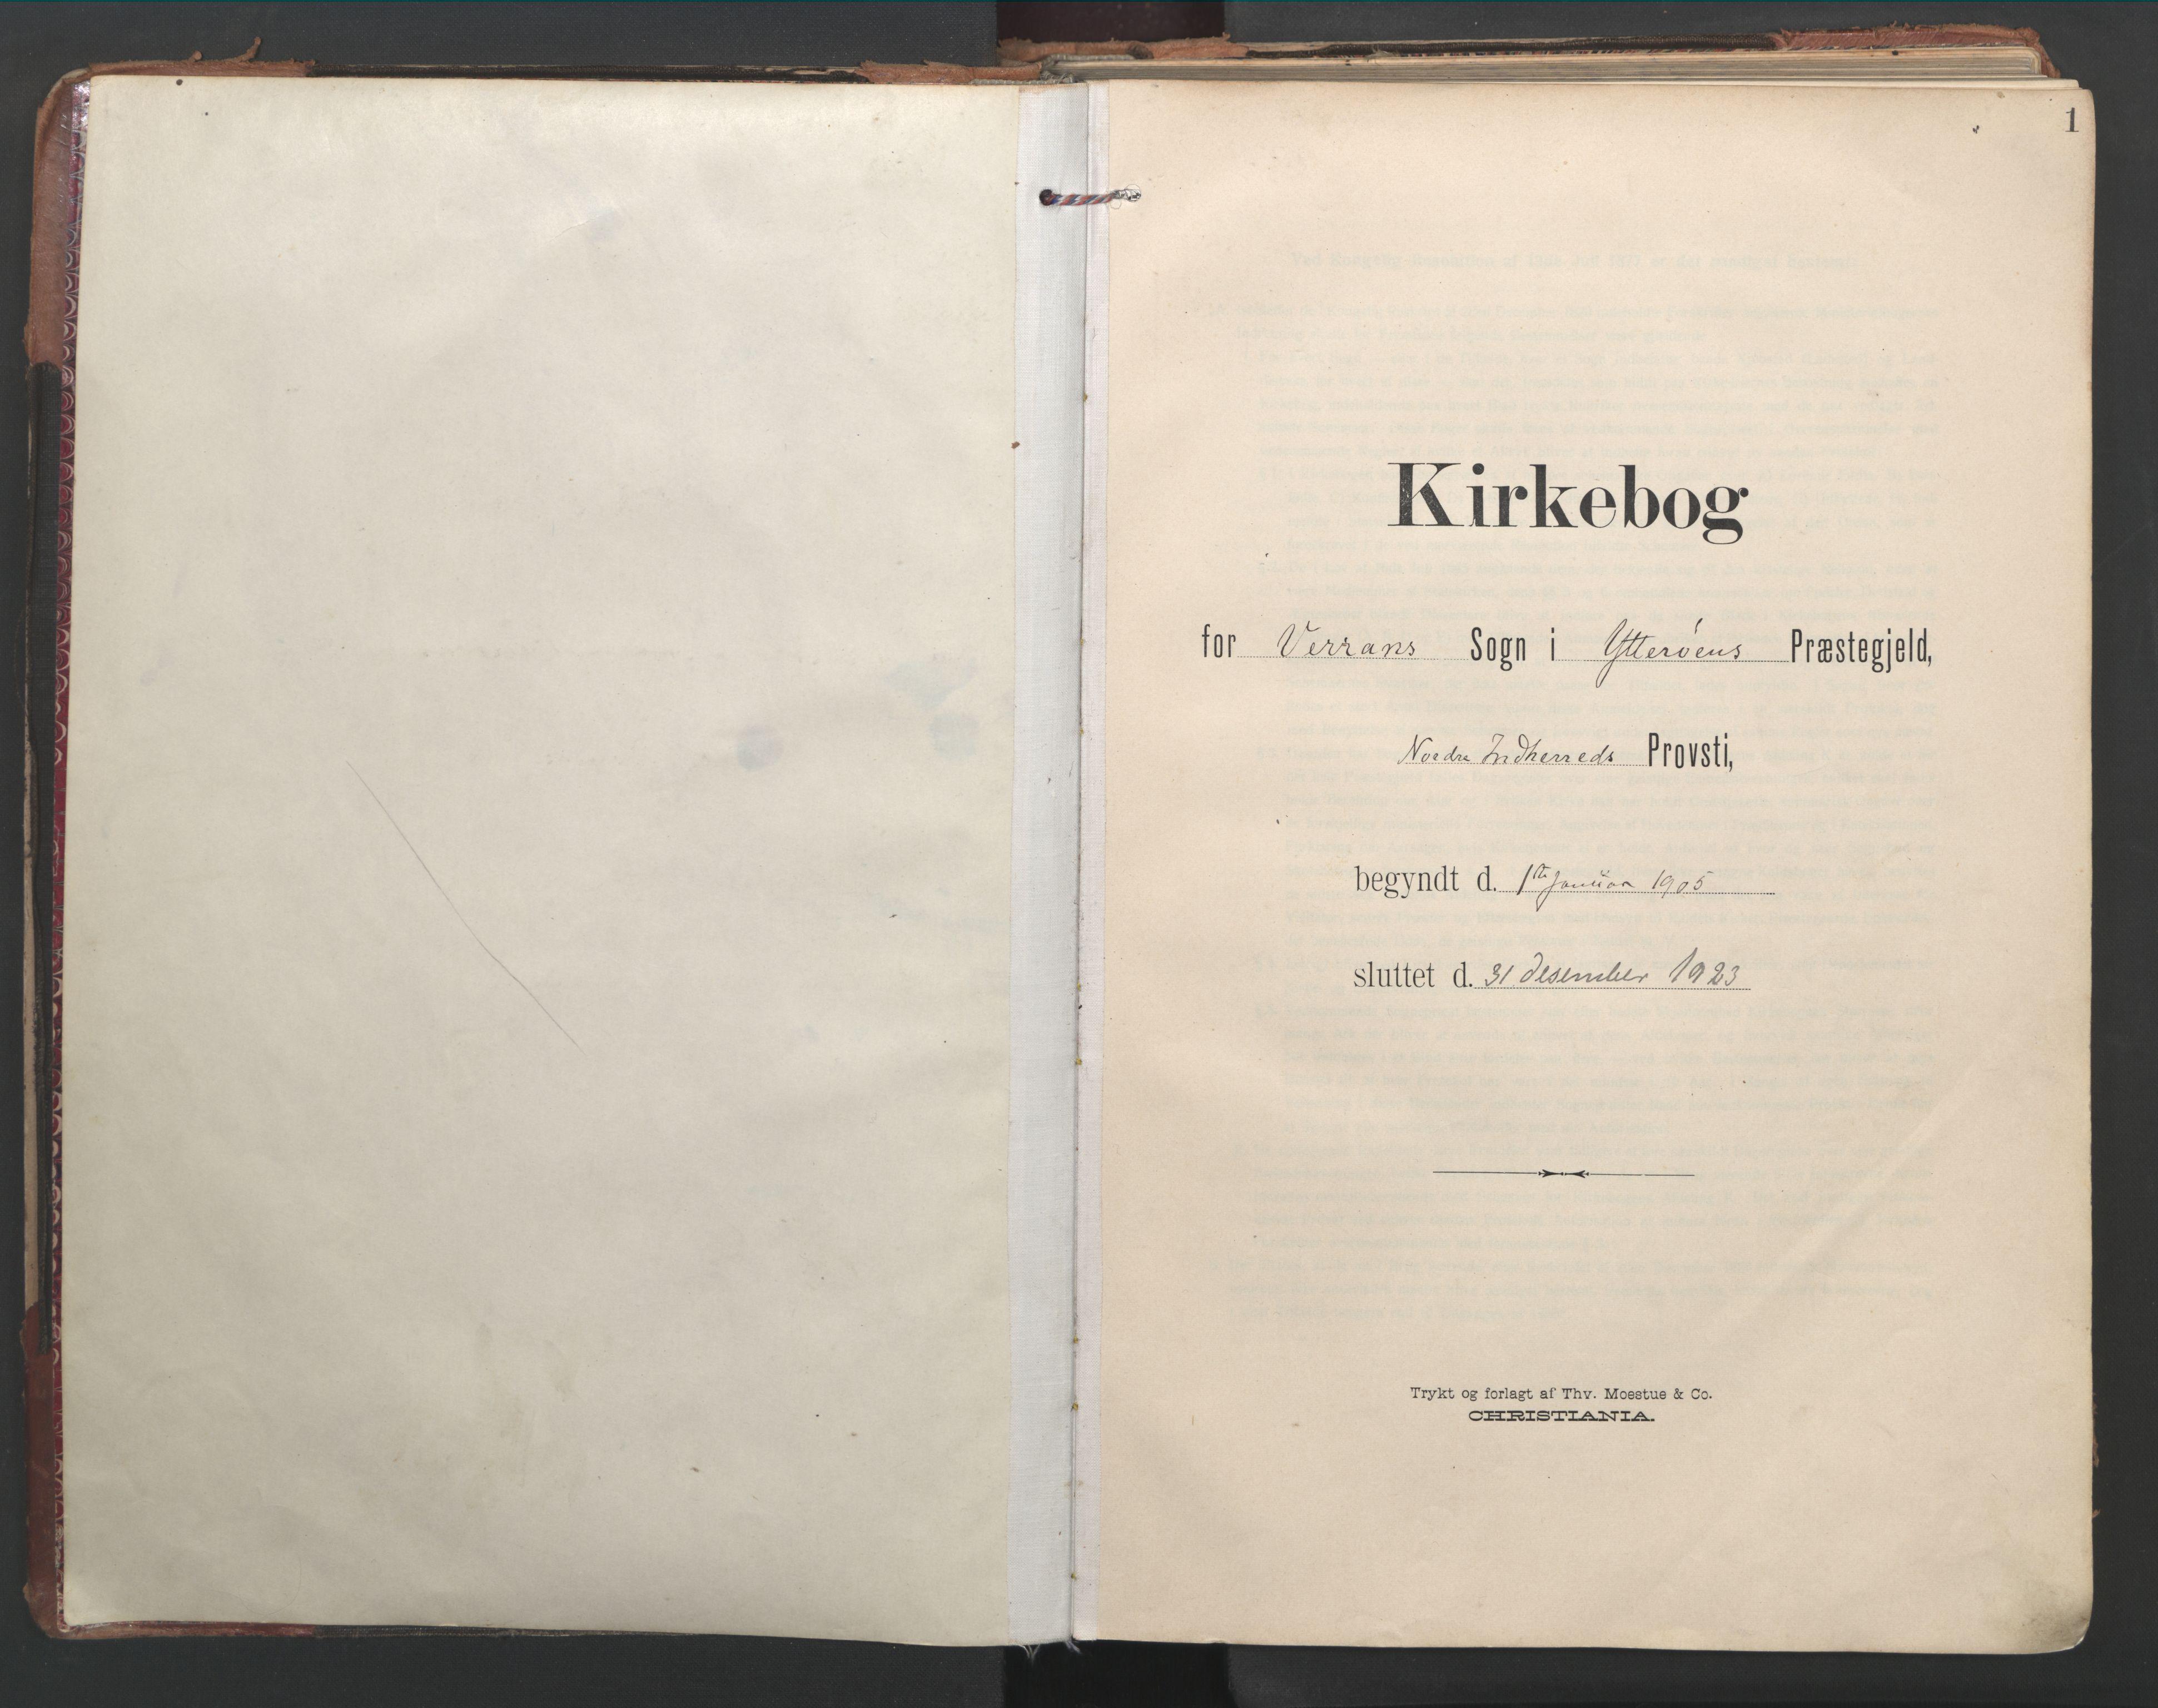 SAT, Ministerialprotokoller, klokkerbøker og fødselsregistre - Nord-Trøndelag, 744/L0421: Ministerialbok nr. 744A05, 1905-1930, s. 1